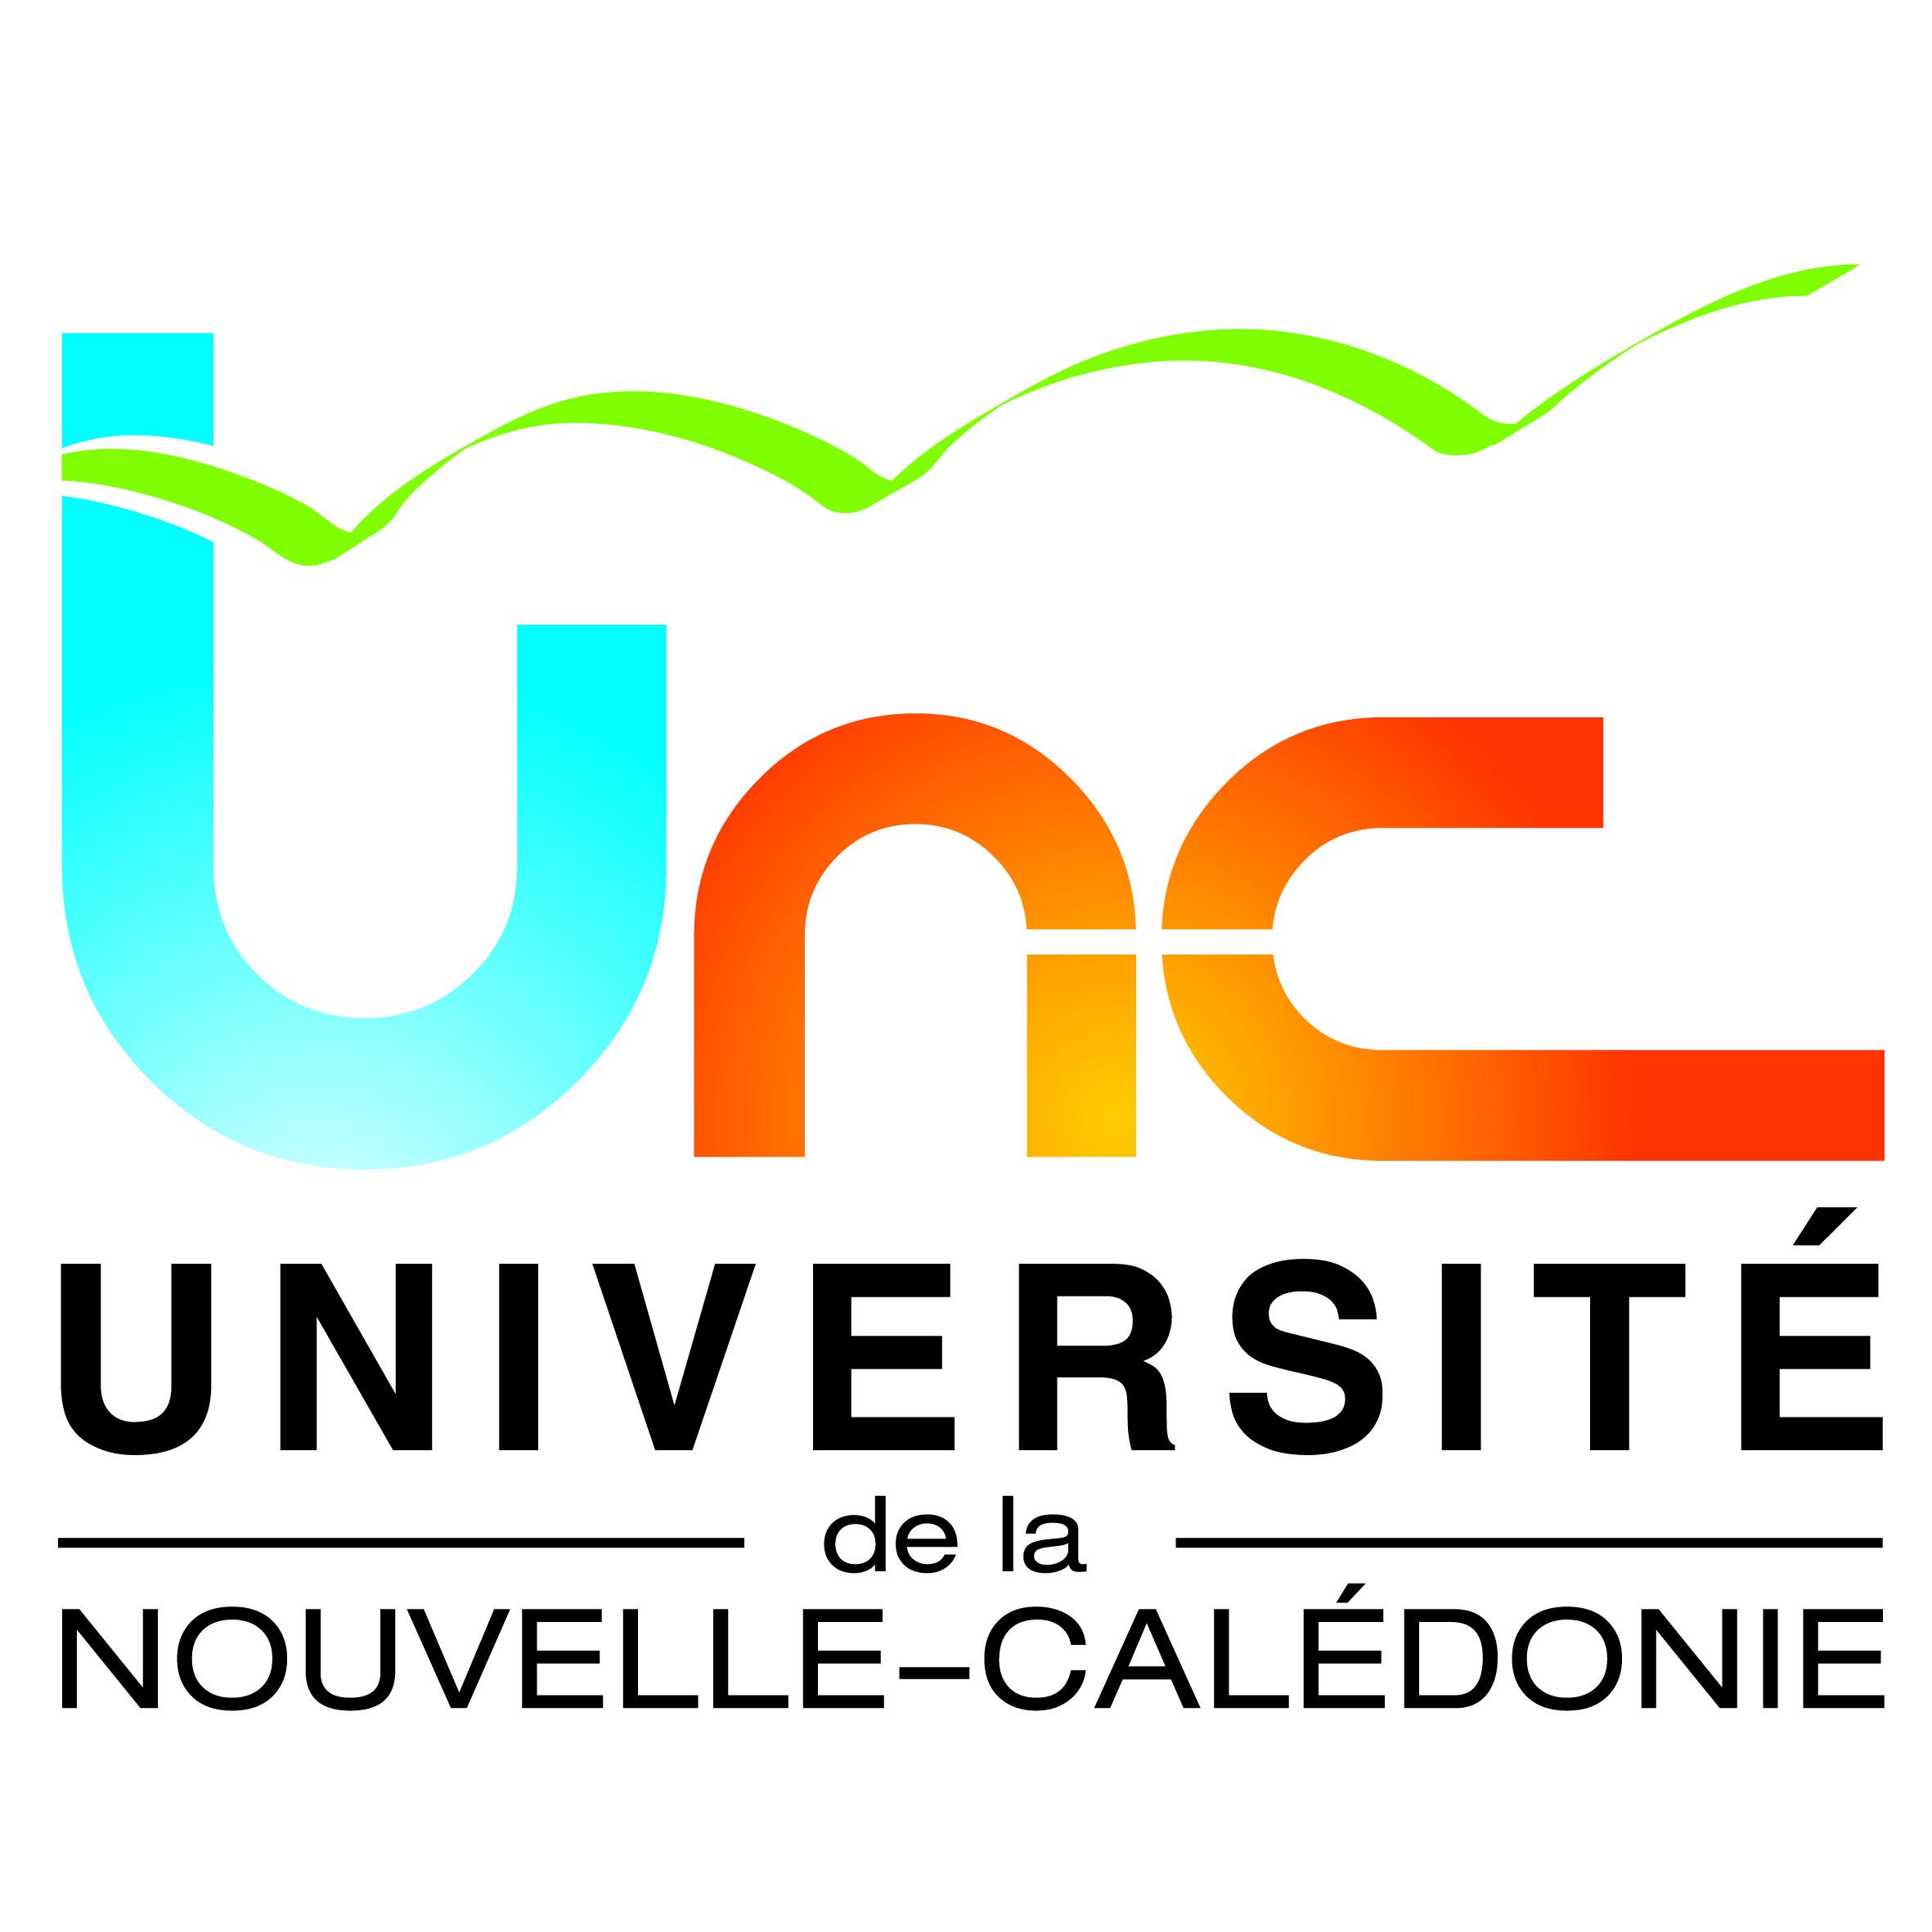 Université de la Nouvelle-Calédonie